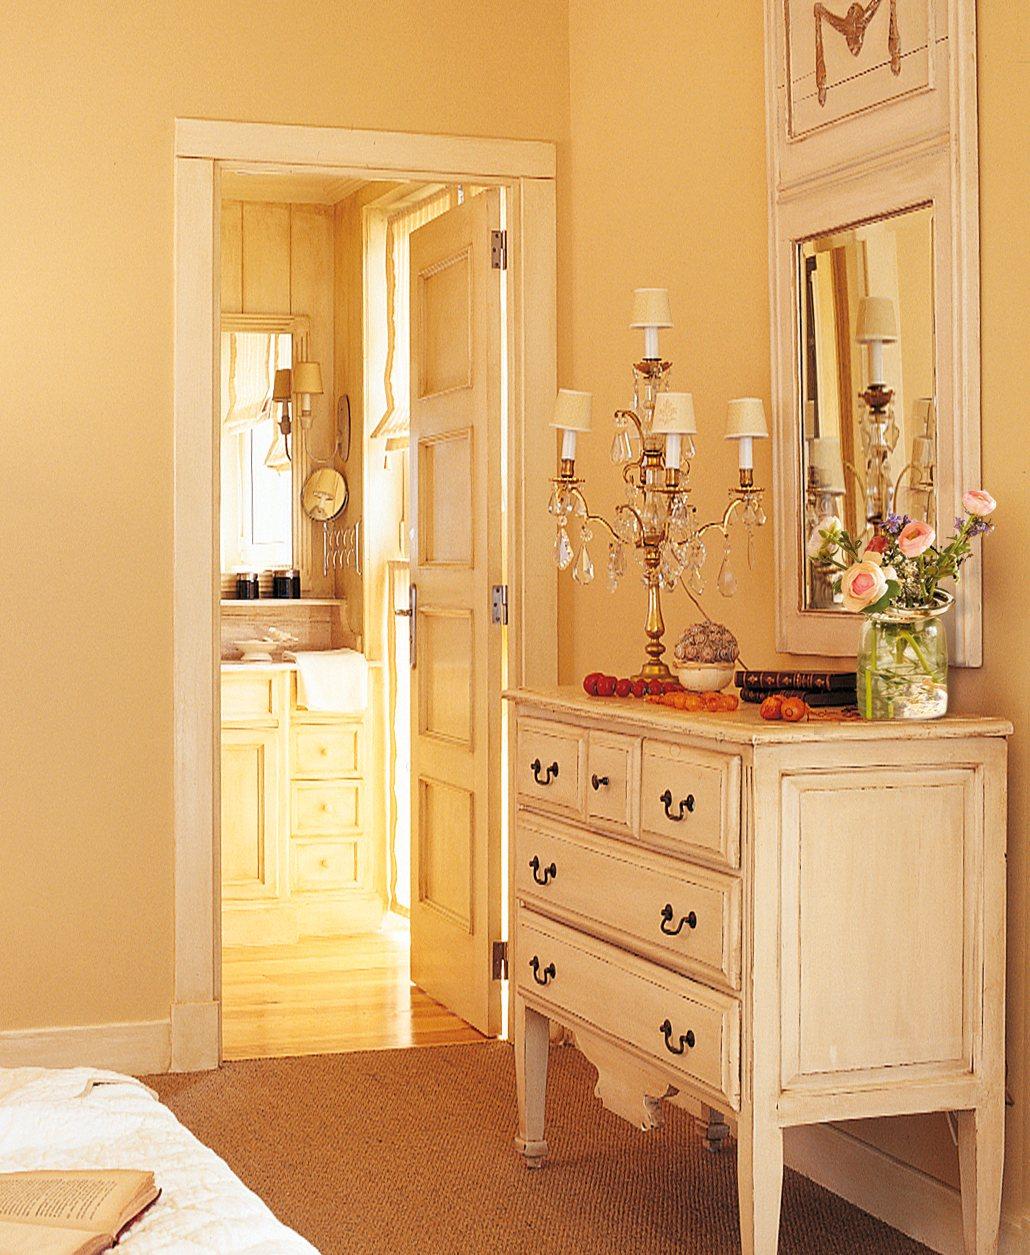 Dormitorios perfectos ideas para inspirarte - Dormitorios estilo provenzal ...